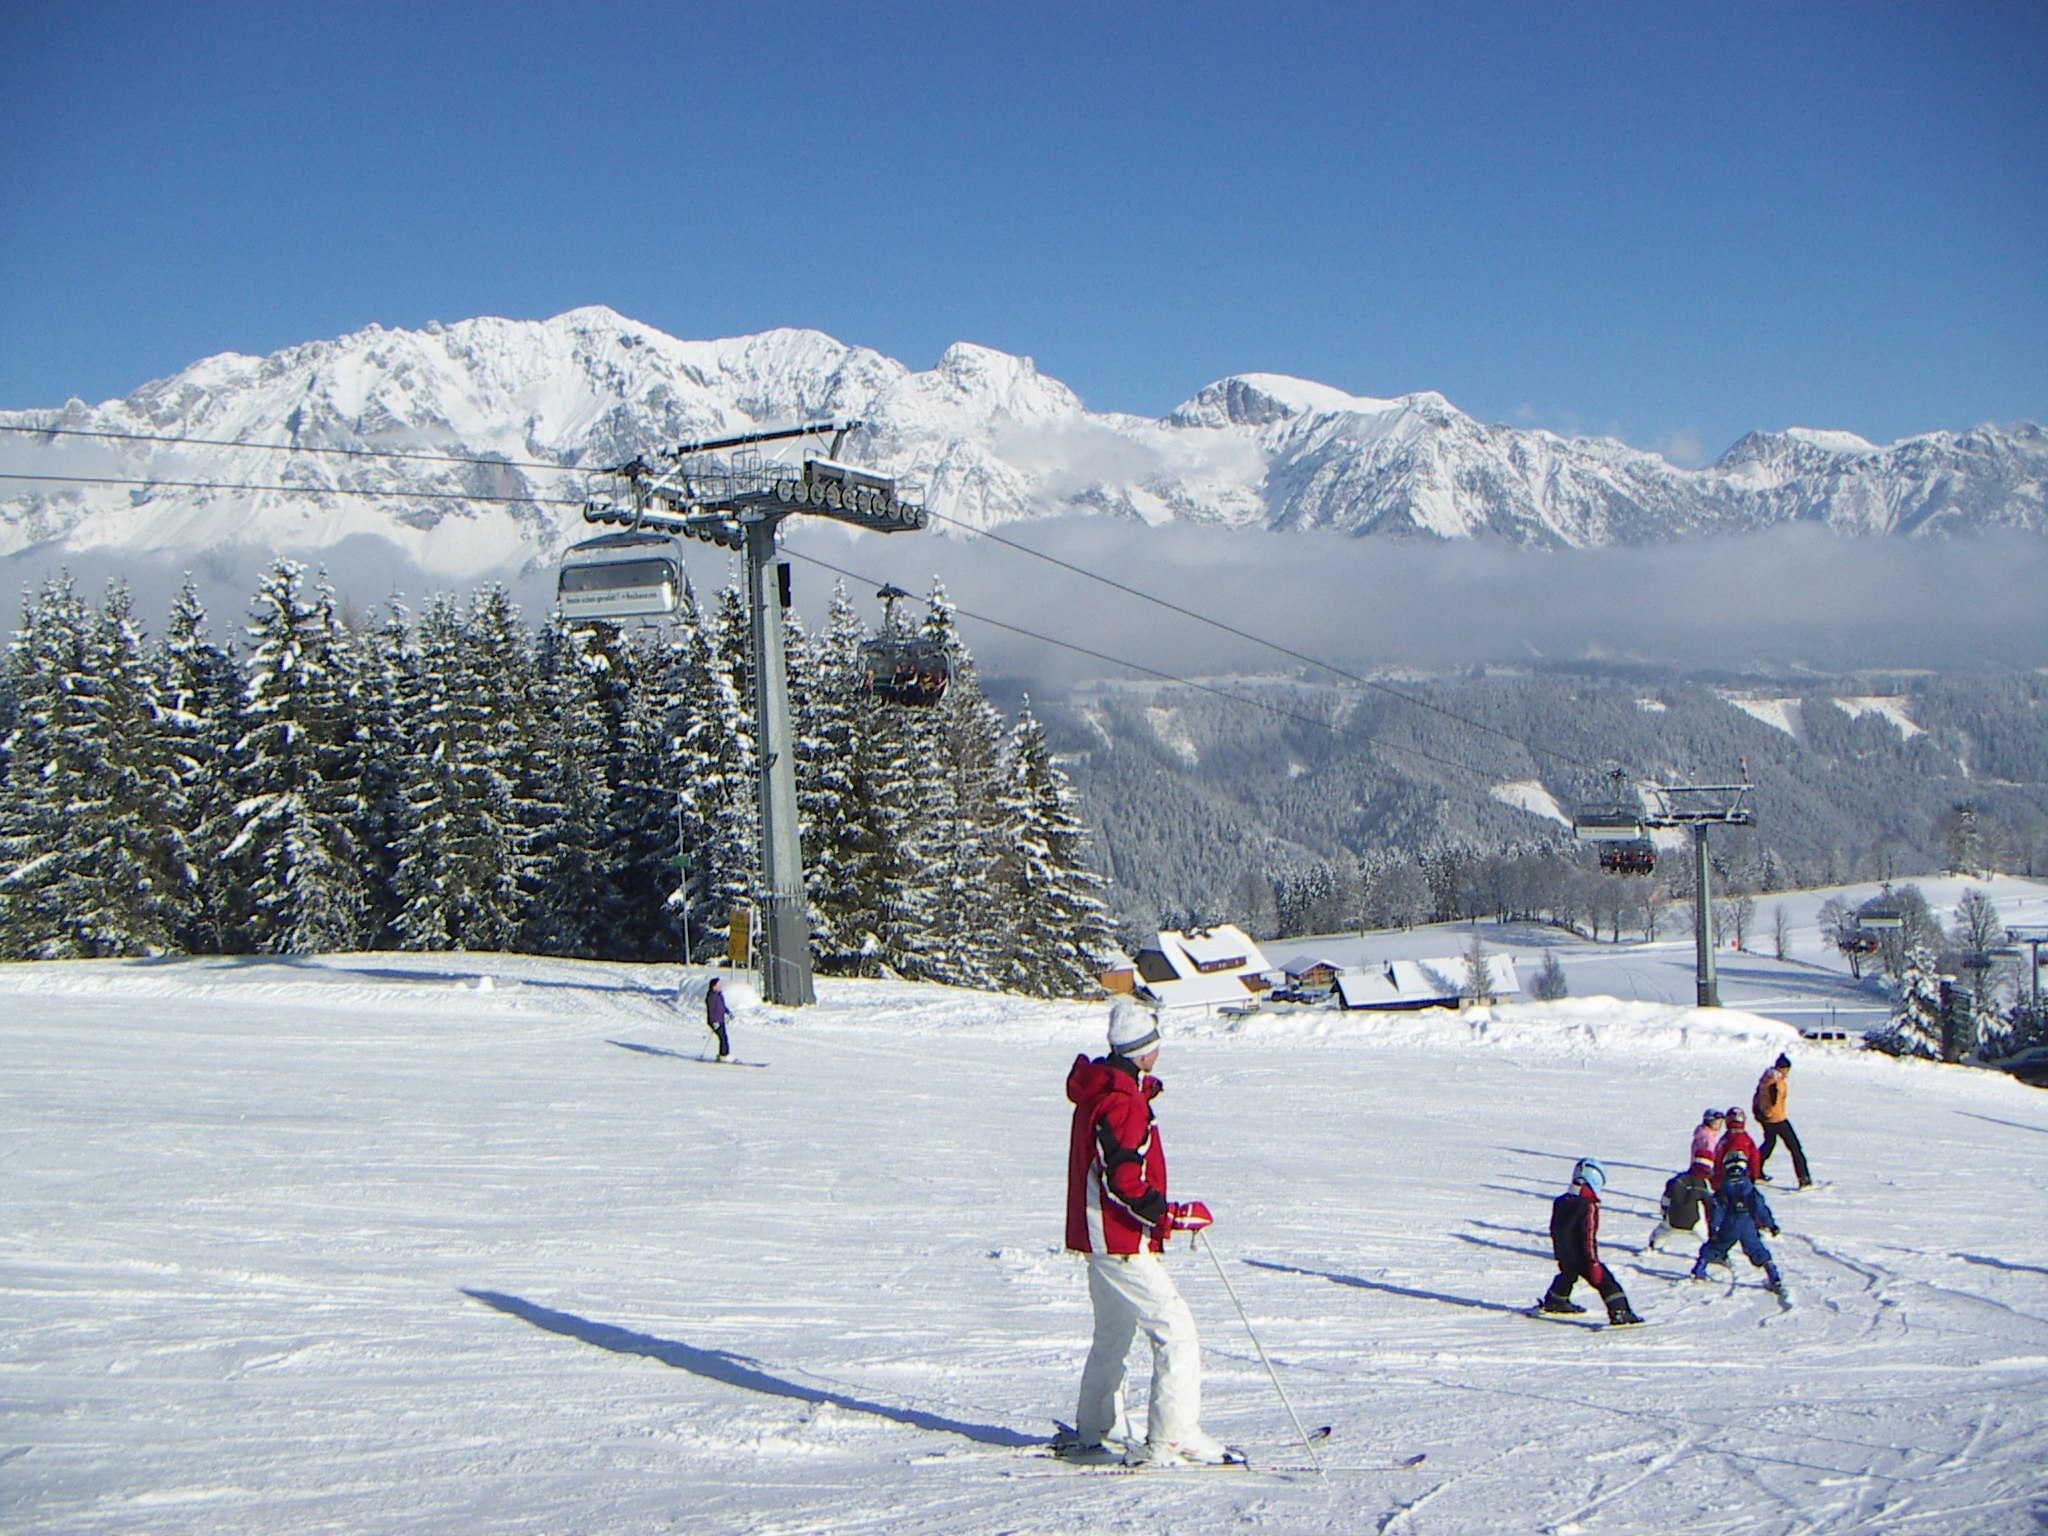 Direkt an Lift, Ski und Rodelbahn 1350m